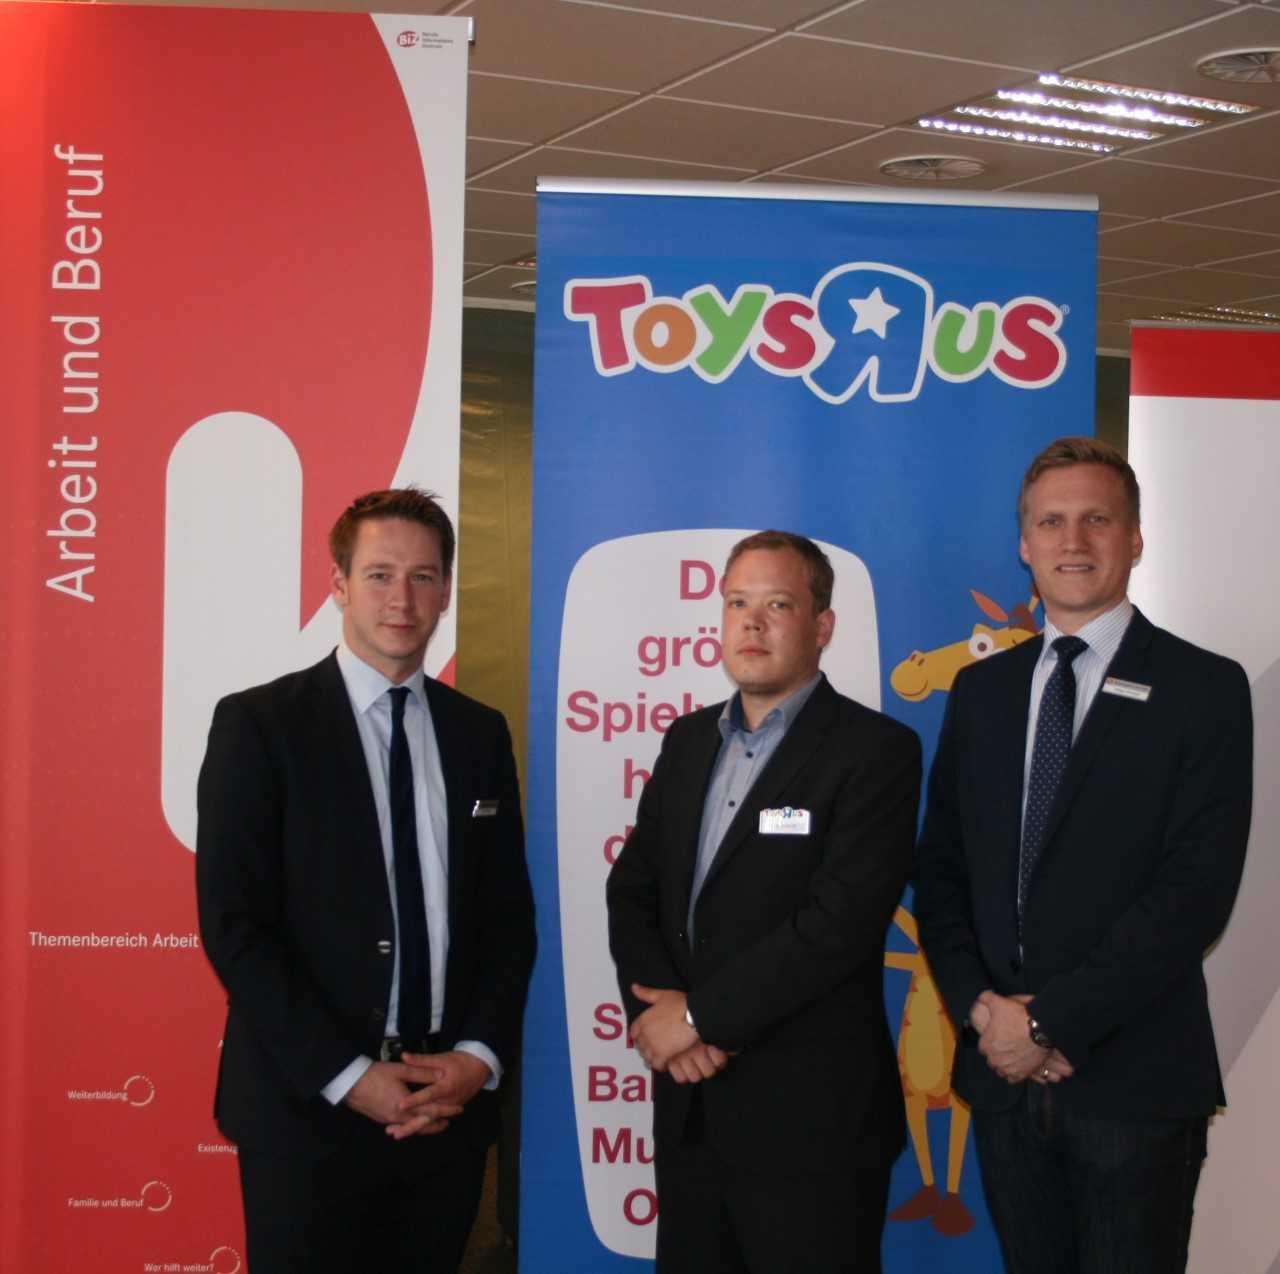 """Für Toys""""R""""Us war die Kooperation mit dem ECE und der Agentur für Arbeit ein voller Erfolg (Foto: Toys""""R""""Us/Aentur für Arbeit)"""